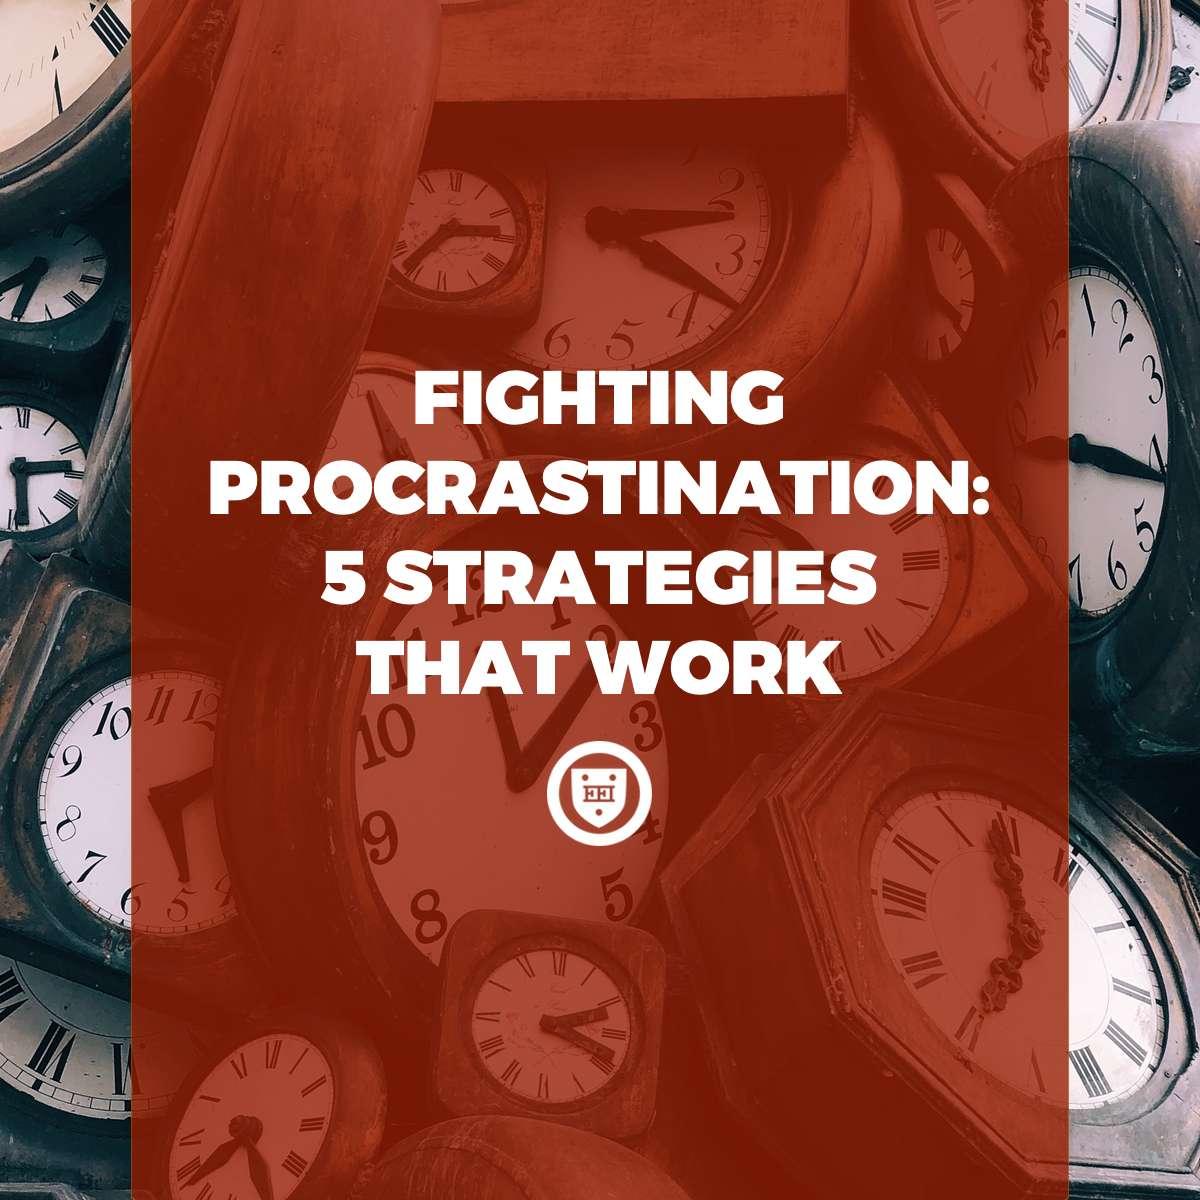 Fighting Procrastination: 5 Strategies That Work